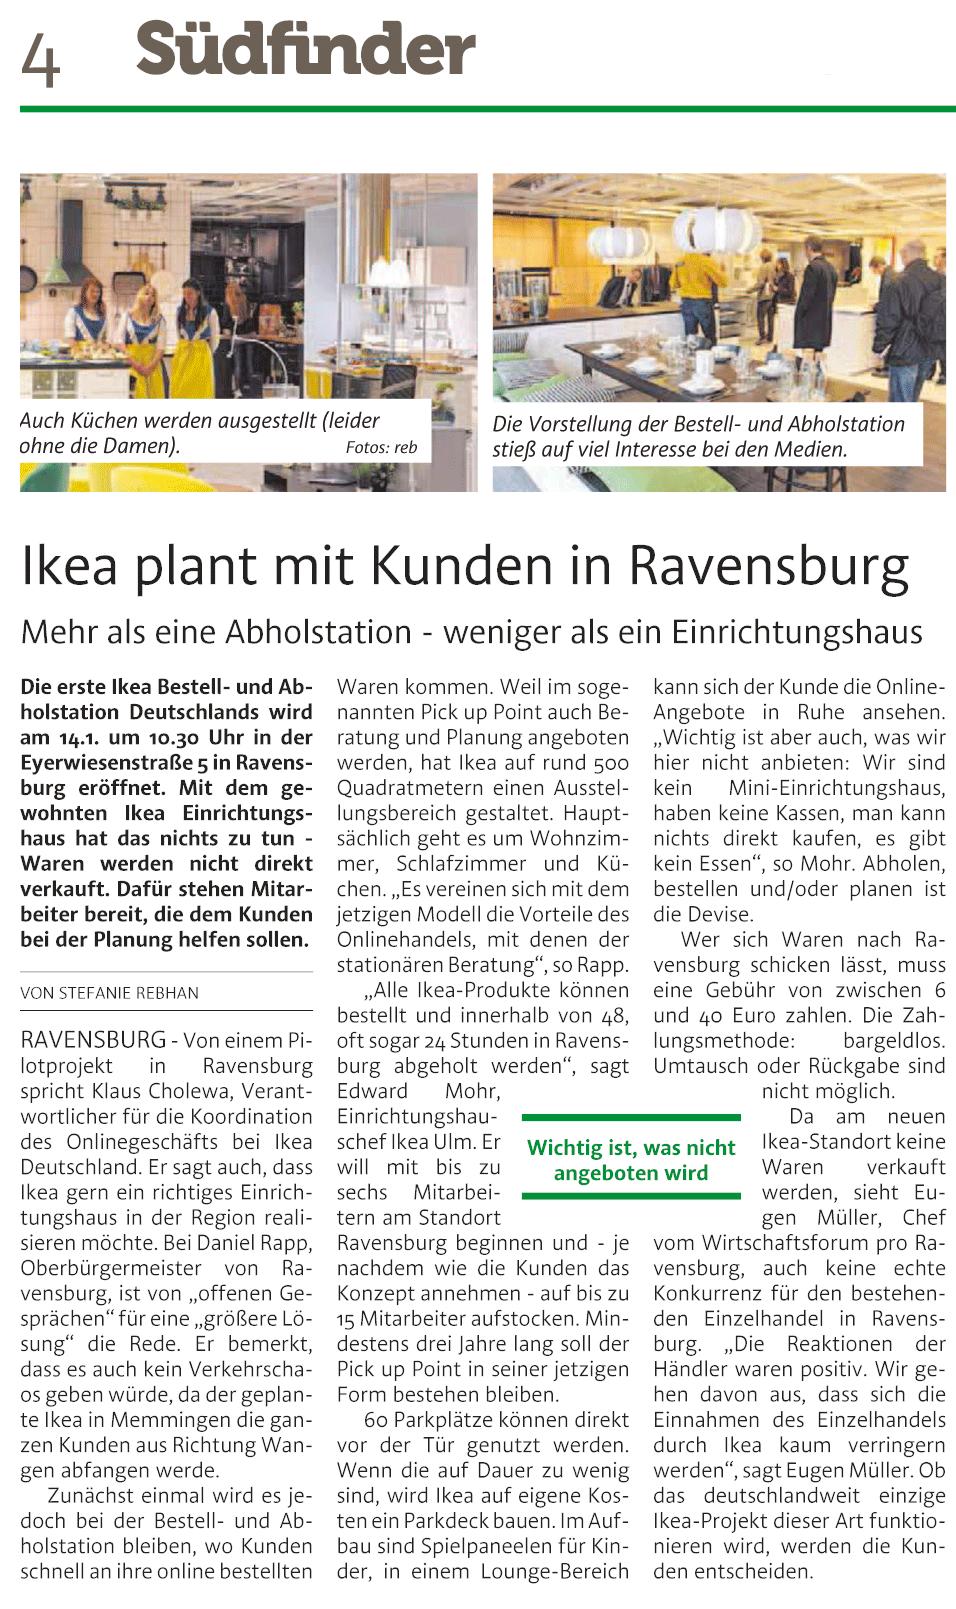 Artikel über Eröffnung einer Abholstation im IKEA Ravensburg, Quelle: Südfinder, Feb. 2016